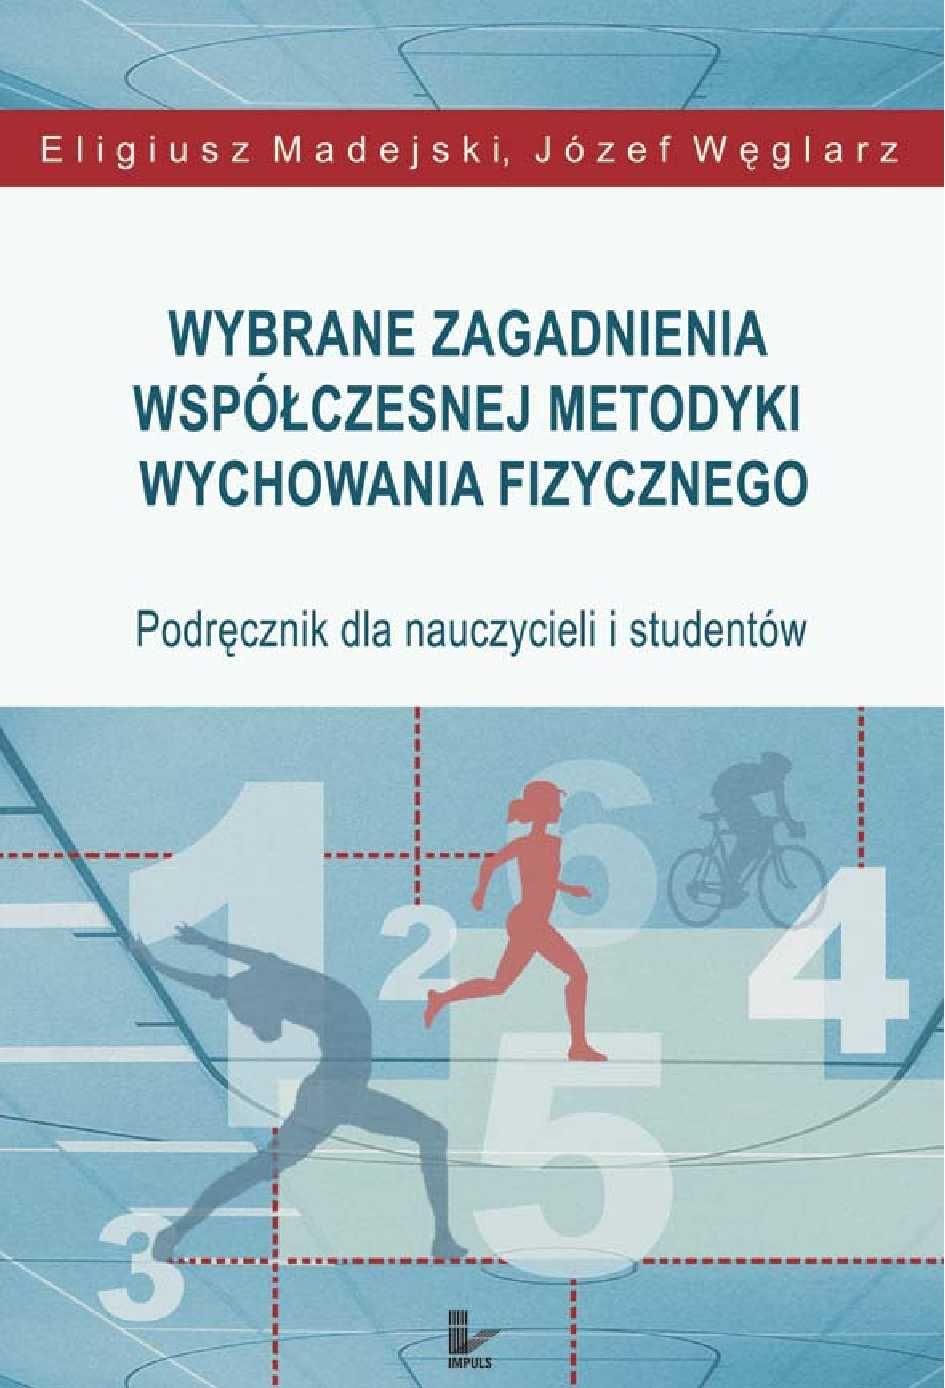 Wybrane zagadnienia współczesnej metodyki wychowania fizycznego - Ebook (Książka EPUB) do pobrania w formacie EPUB